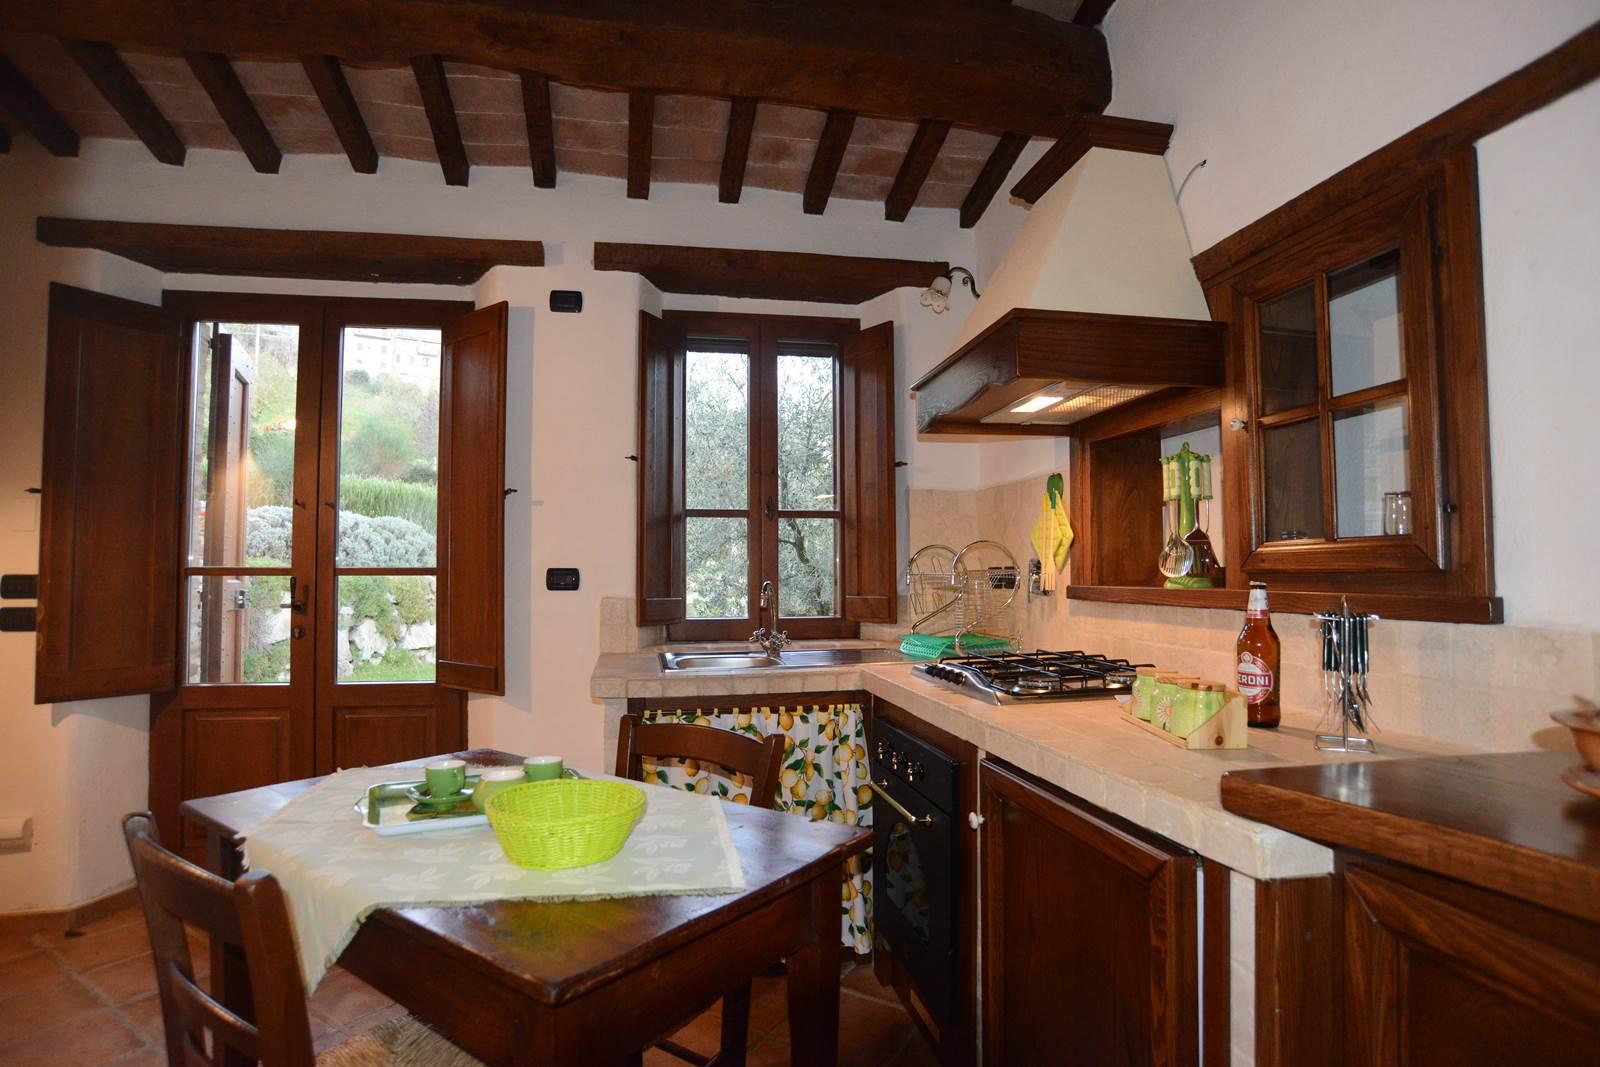 Small Apartment:2+1 people - Agriturismo Le Case del Priore, Preggio